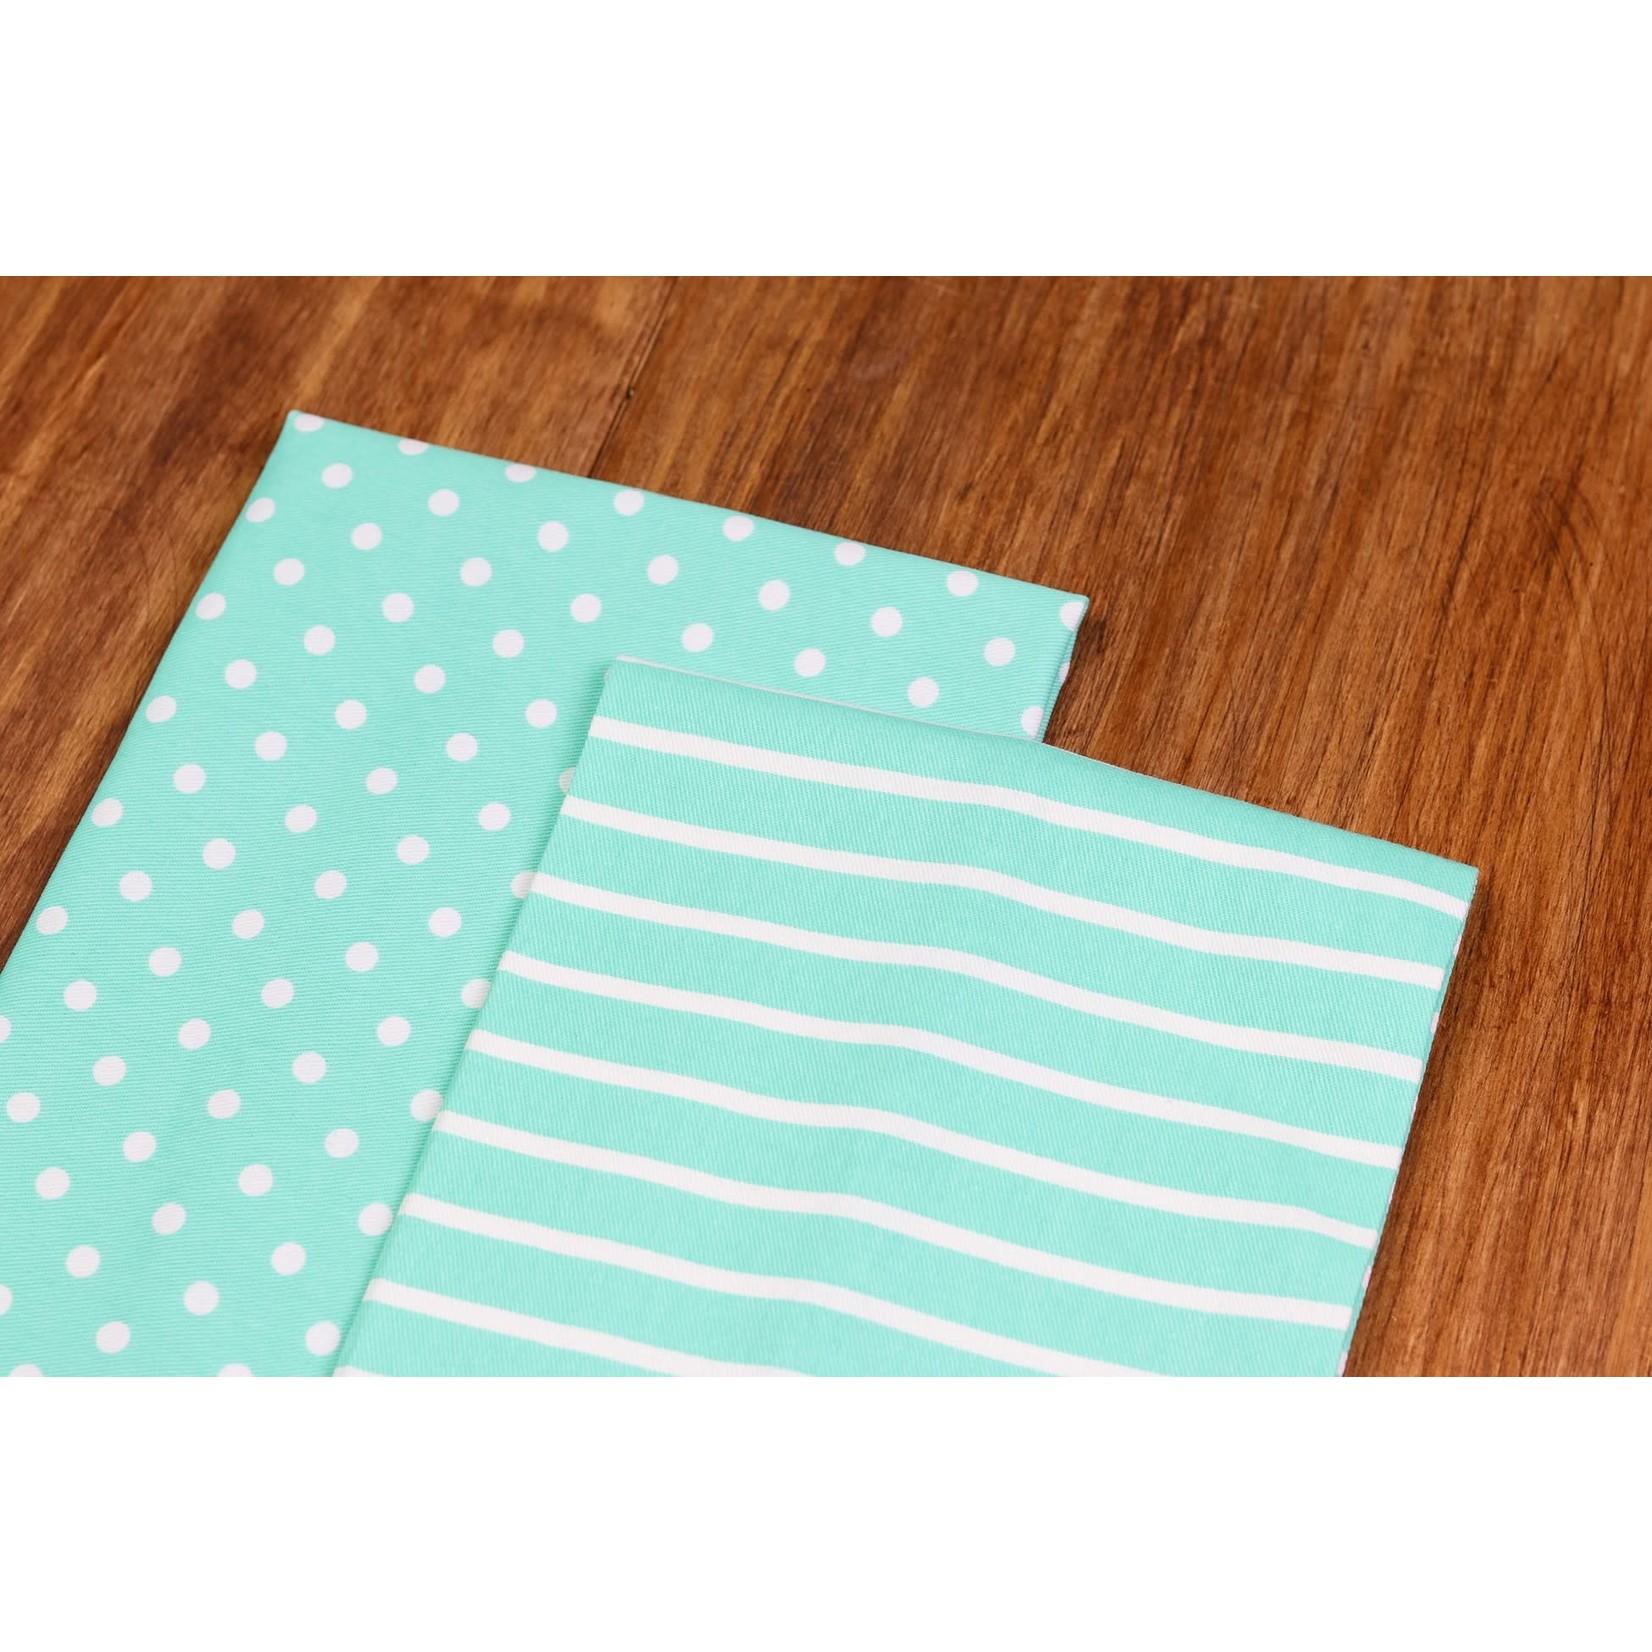 KIMBERBELL DESIGNS Dots & Stripes Tea Towels:  Aqua